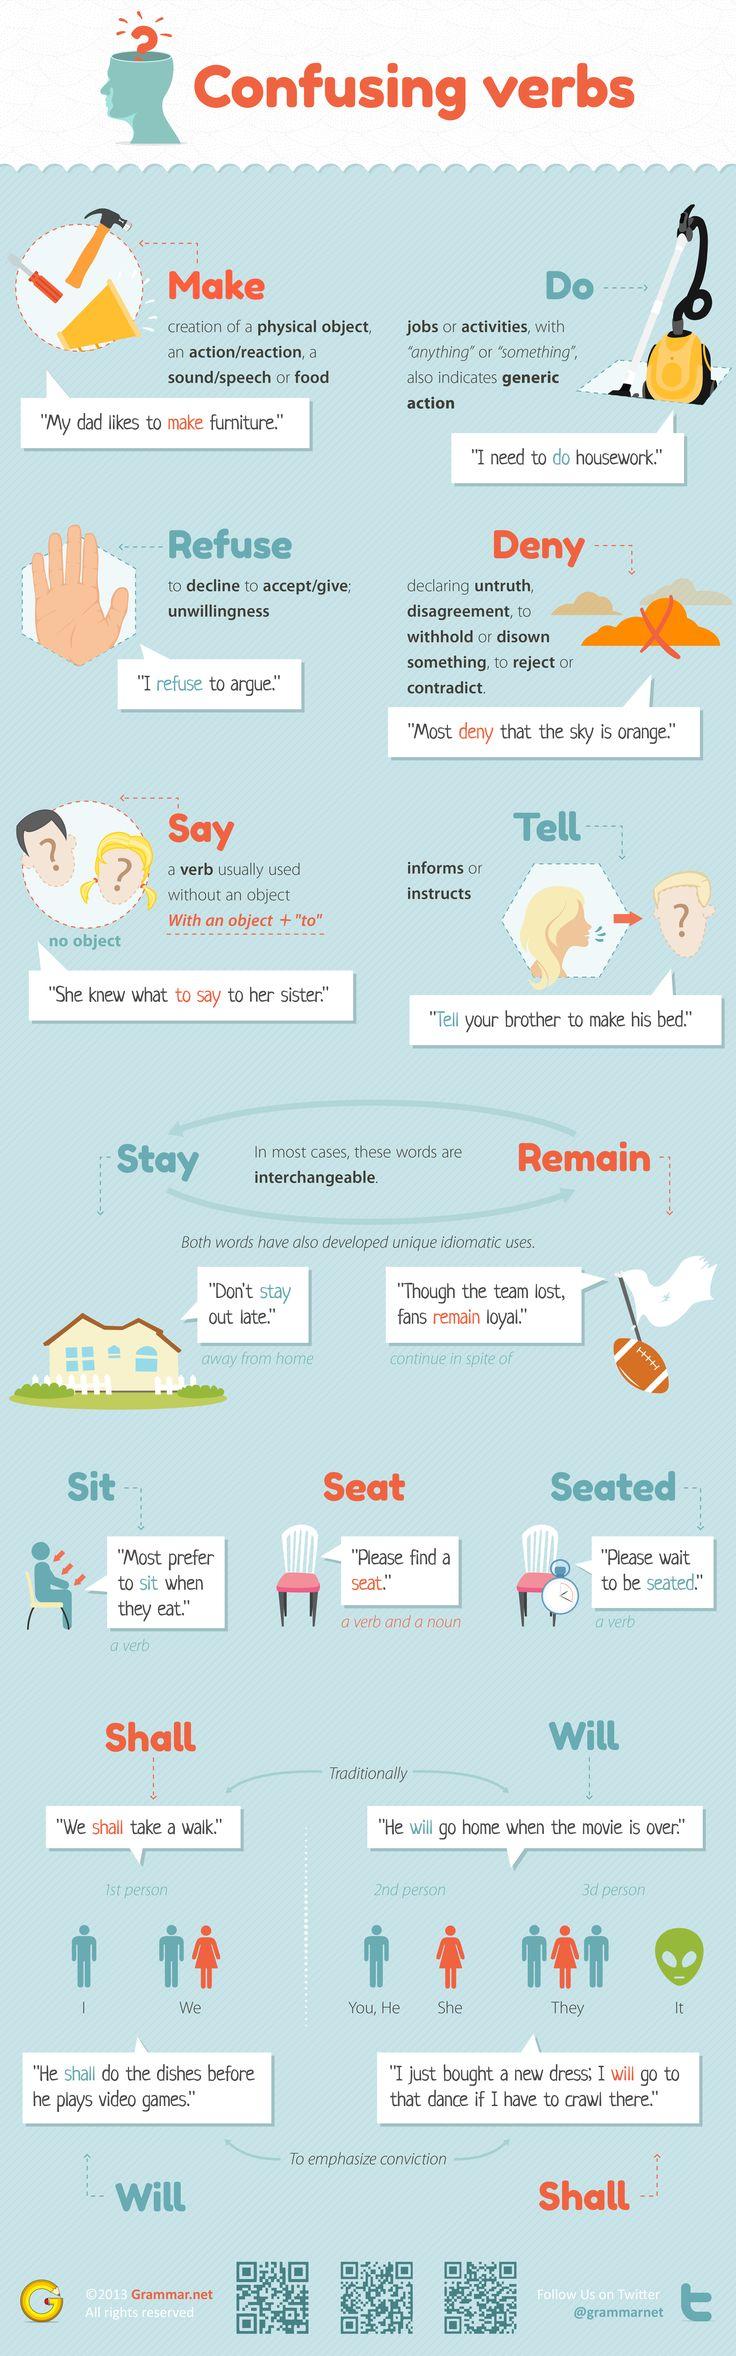 Te is kevered őket? Ne tedd:) - Ingyenes online angol tanulás, Ingyen Angol nyelvtanulás